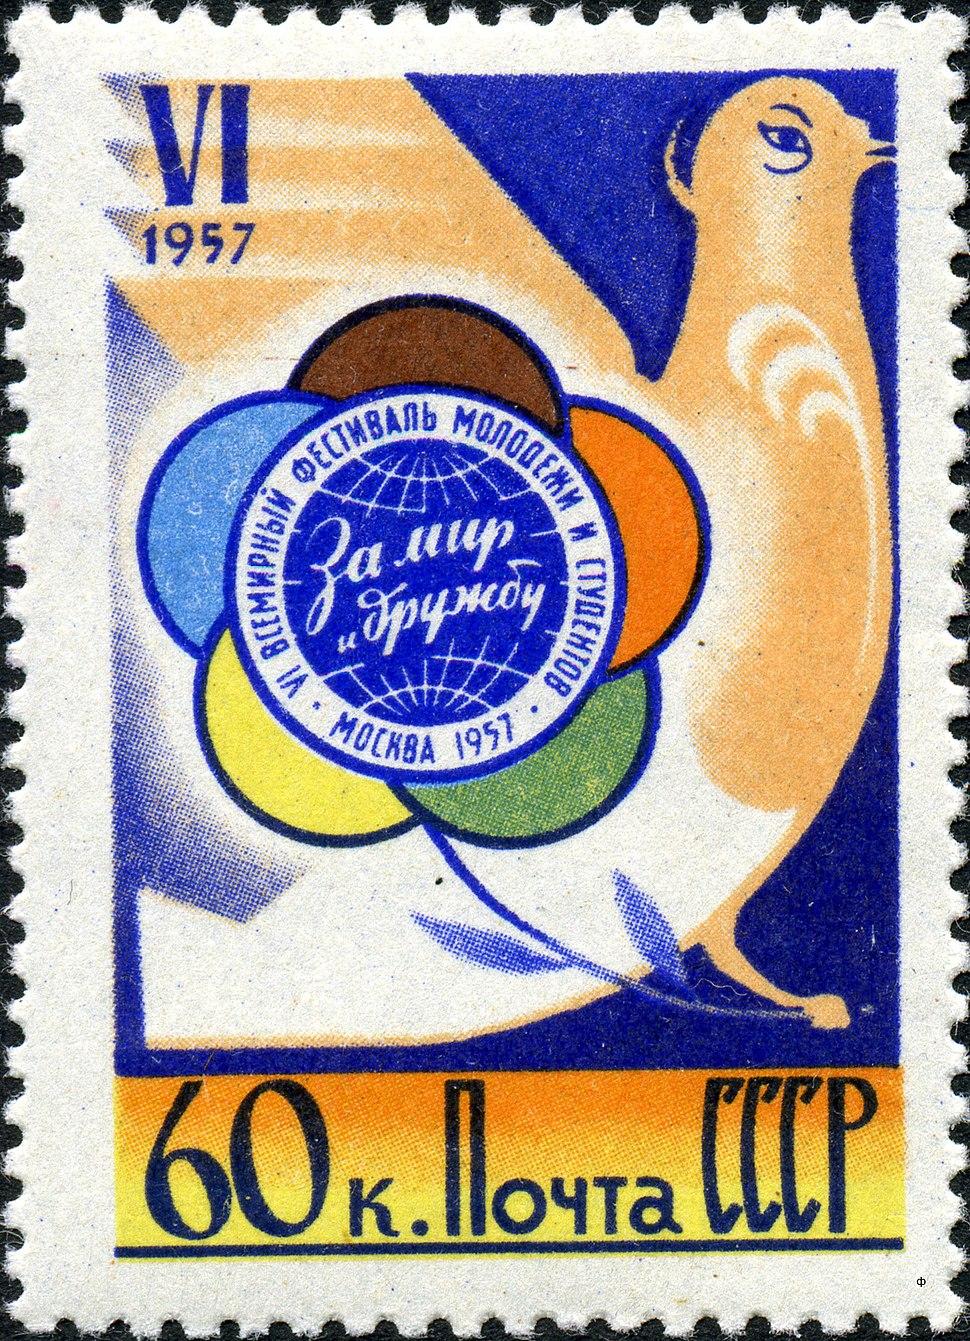 Открытки фестиваль молодежи 1957 цена, надписью что где